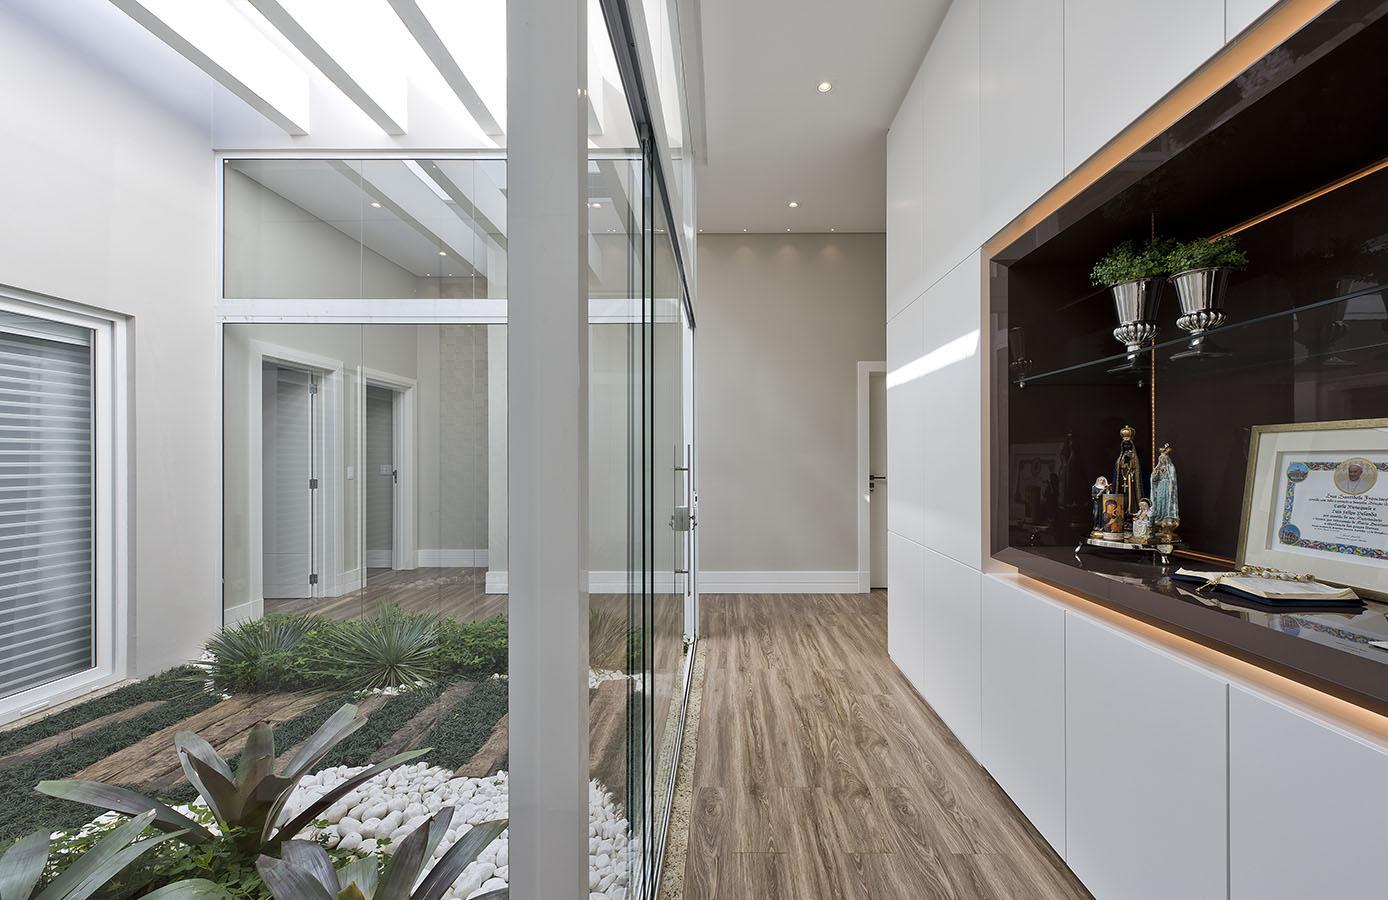 Arquiteto_Curitiba_Arquiteta_AlessandraGandolfi_Residência_LFP_Interiores_2